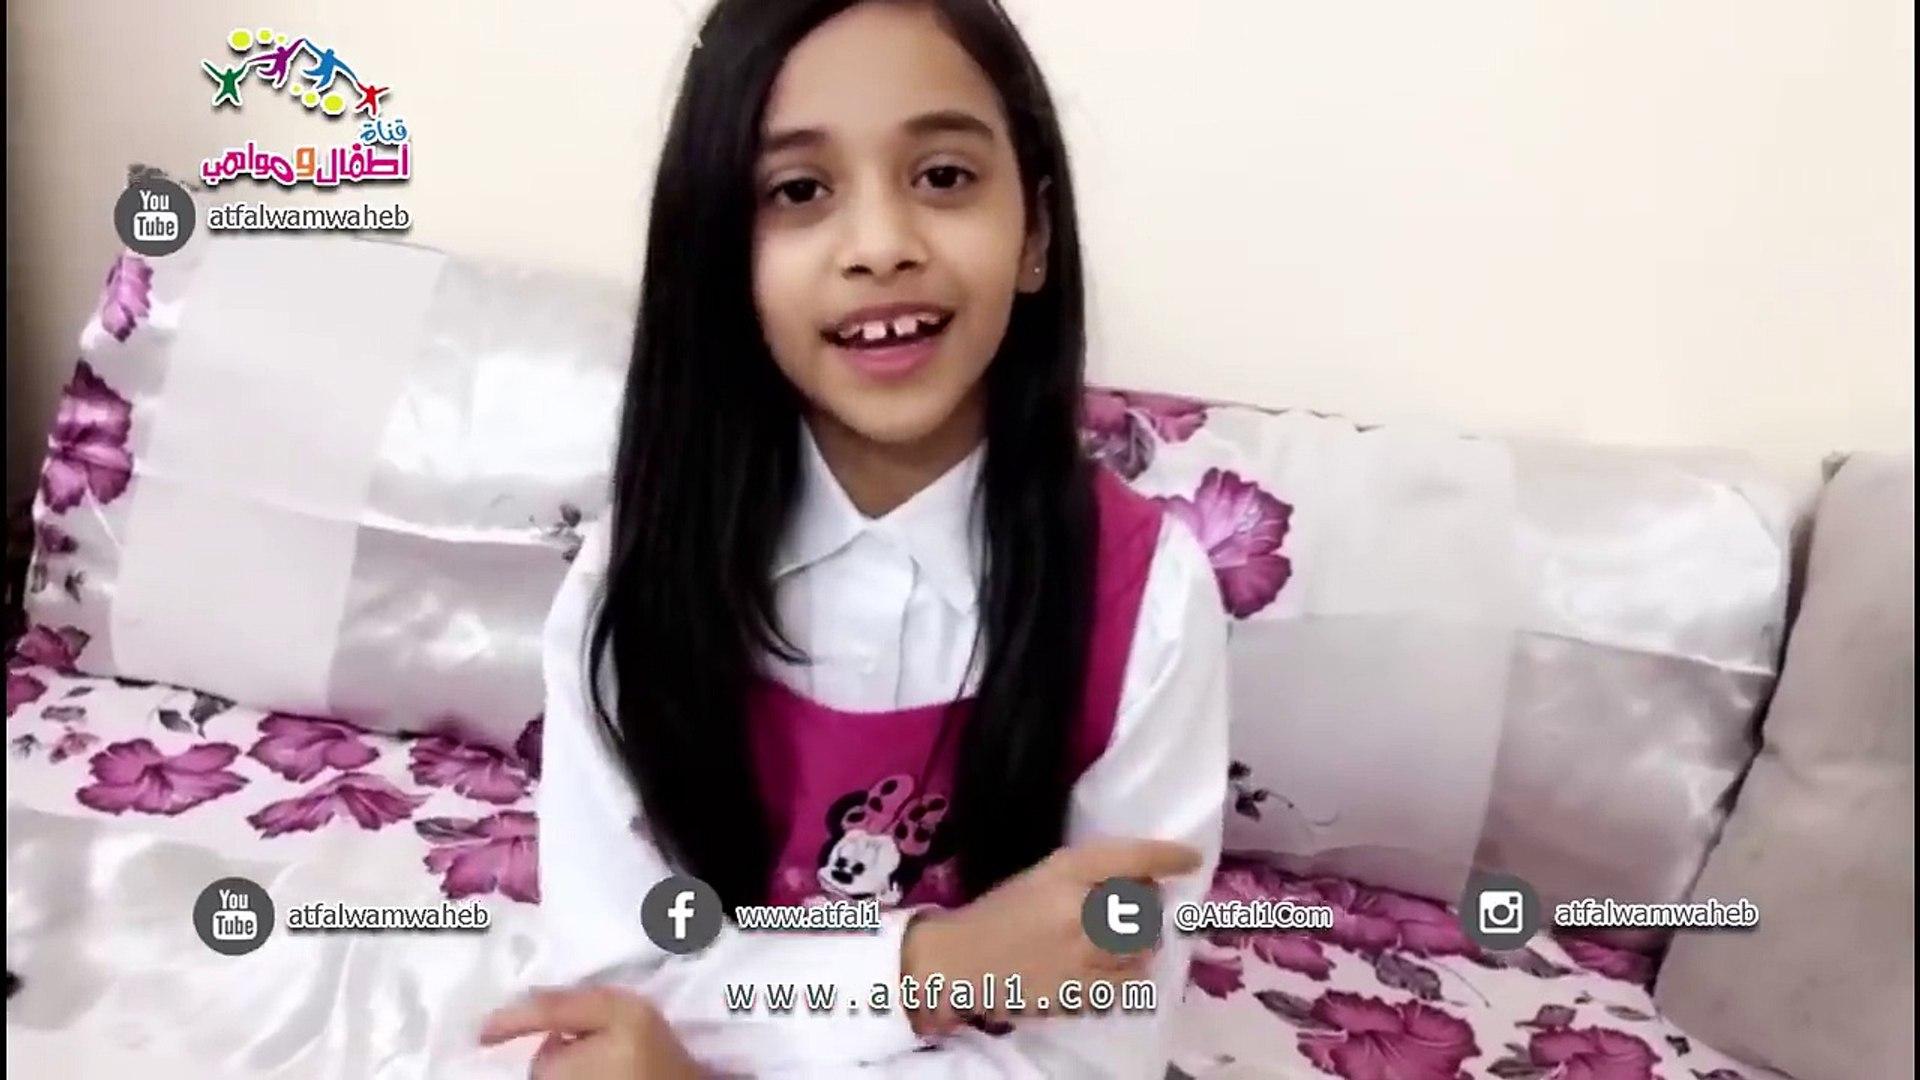 Atfalwamwaheb زهرات اطفال ومواهب في اول يوم دراسي جديد فيديو